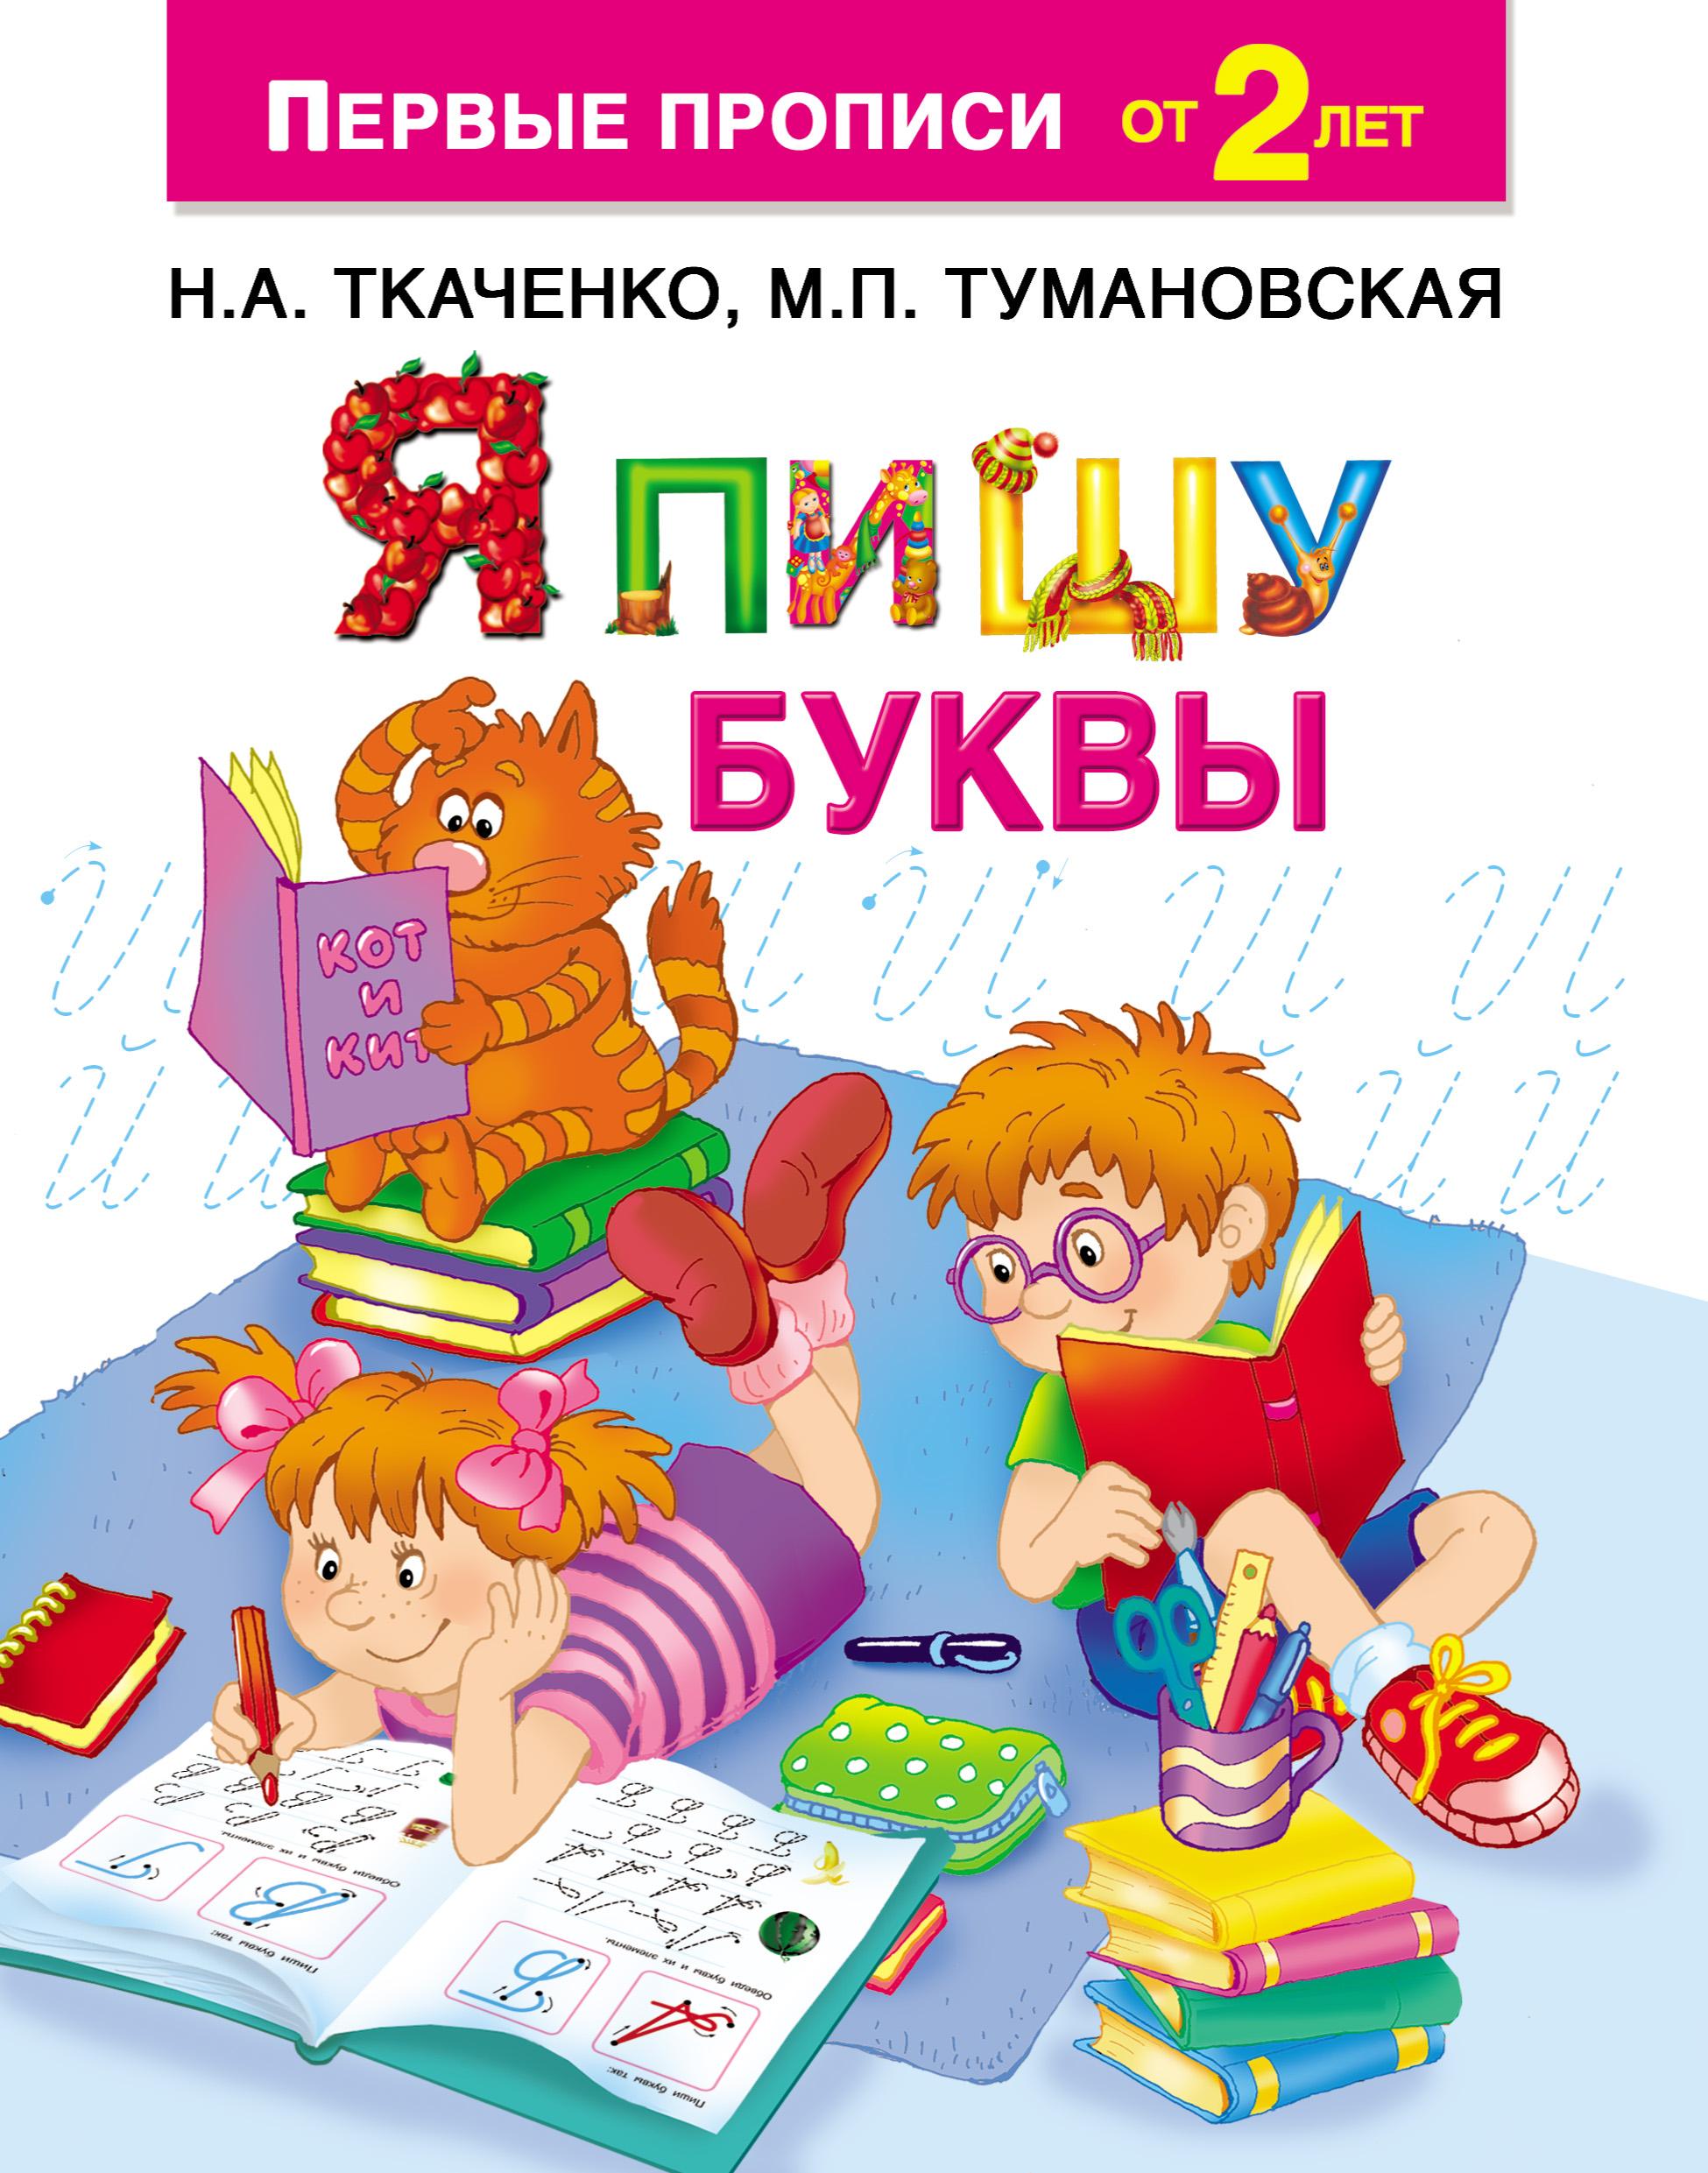 М. П. Тумановская Я пишу буквы ткаченко н а тумановская м п живая азбука